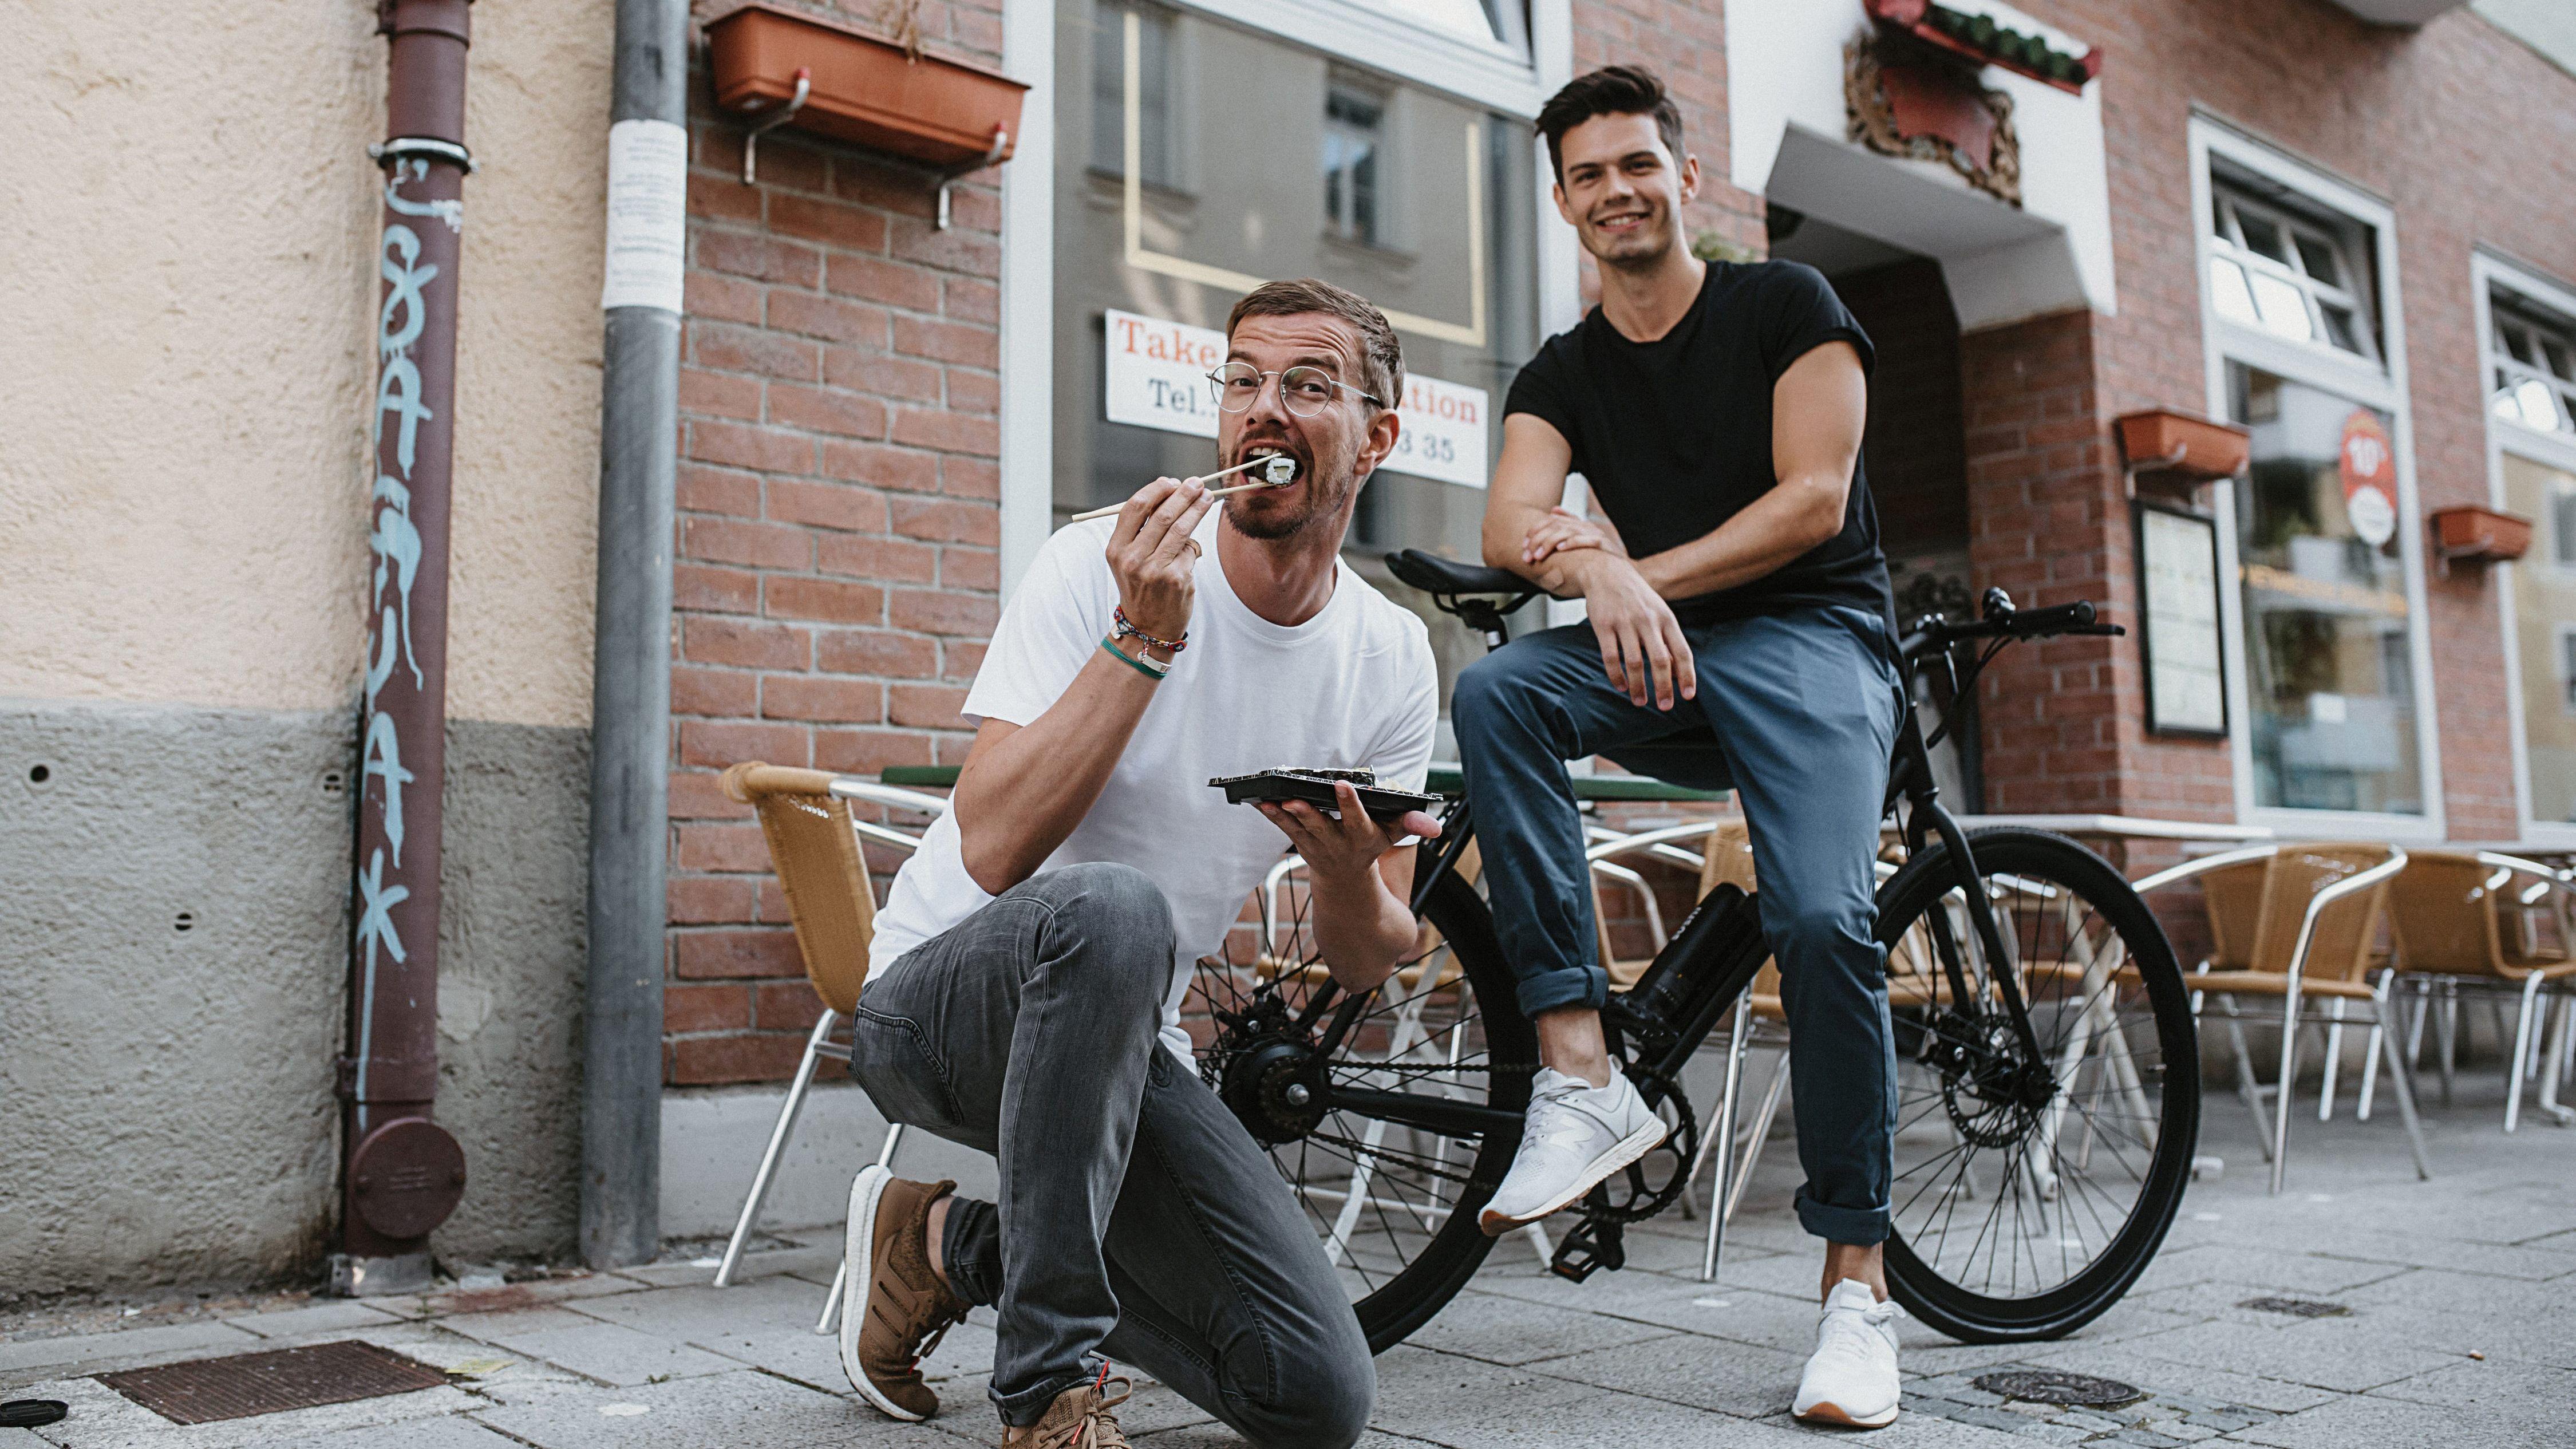 Start-up: Joko Winterscheidt gründet E-Bike-Start-up